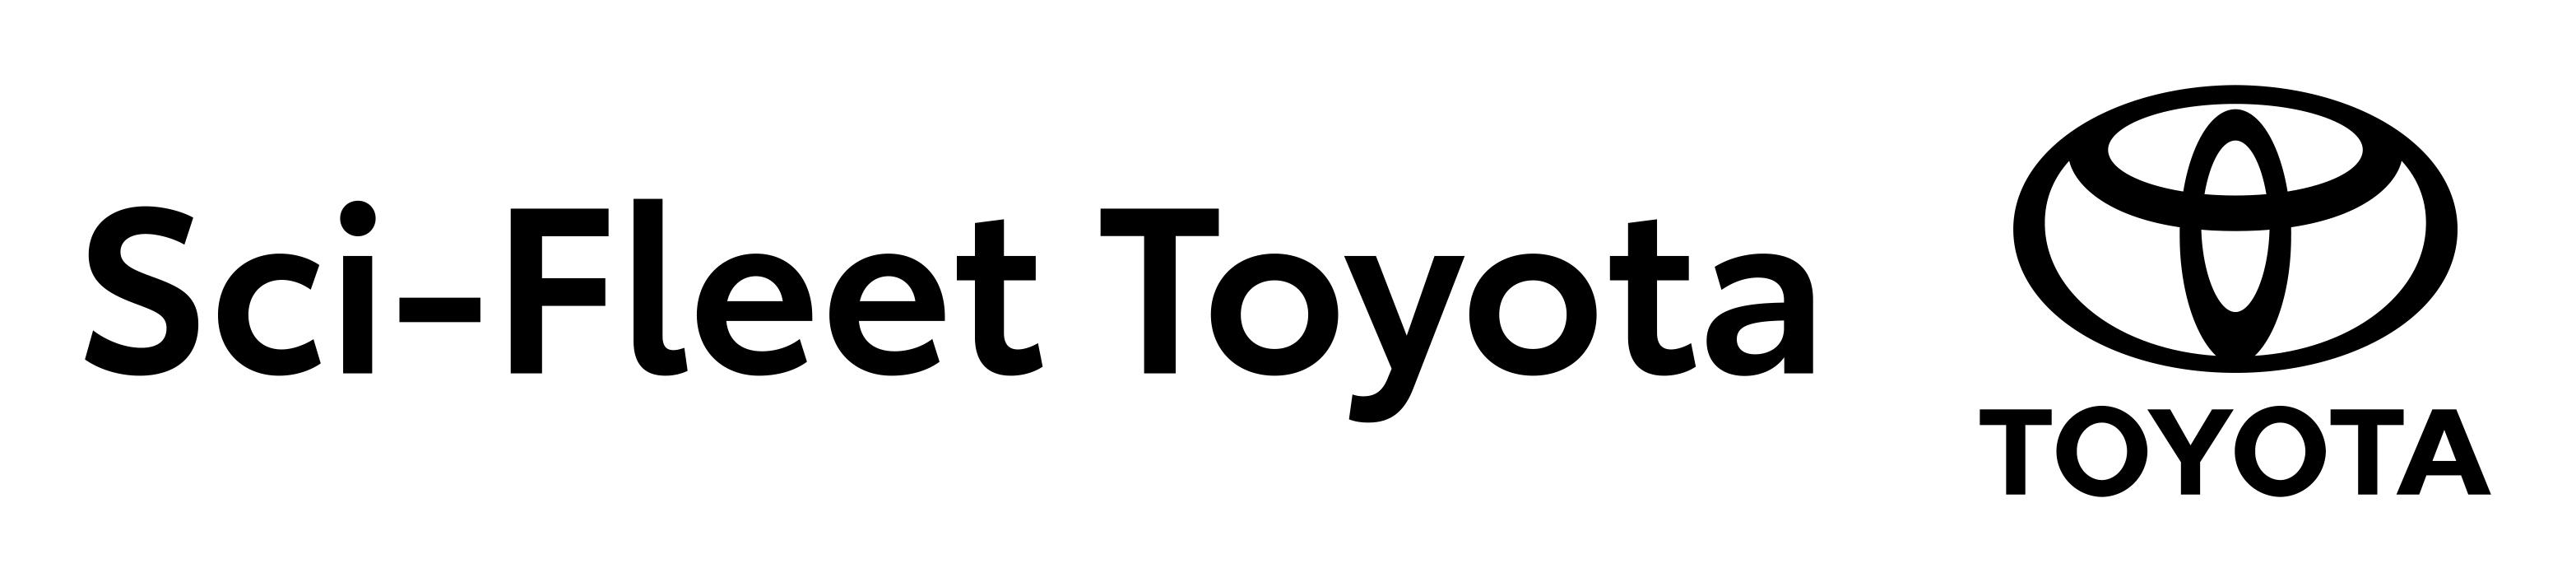 Sci-Fleet Toyota Kedron - Used Cars